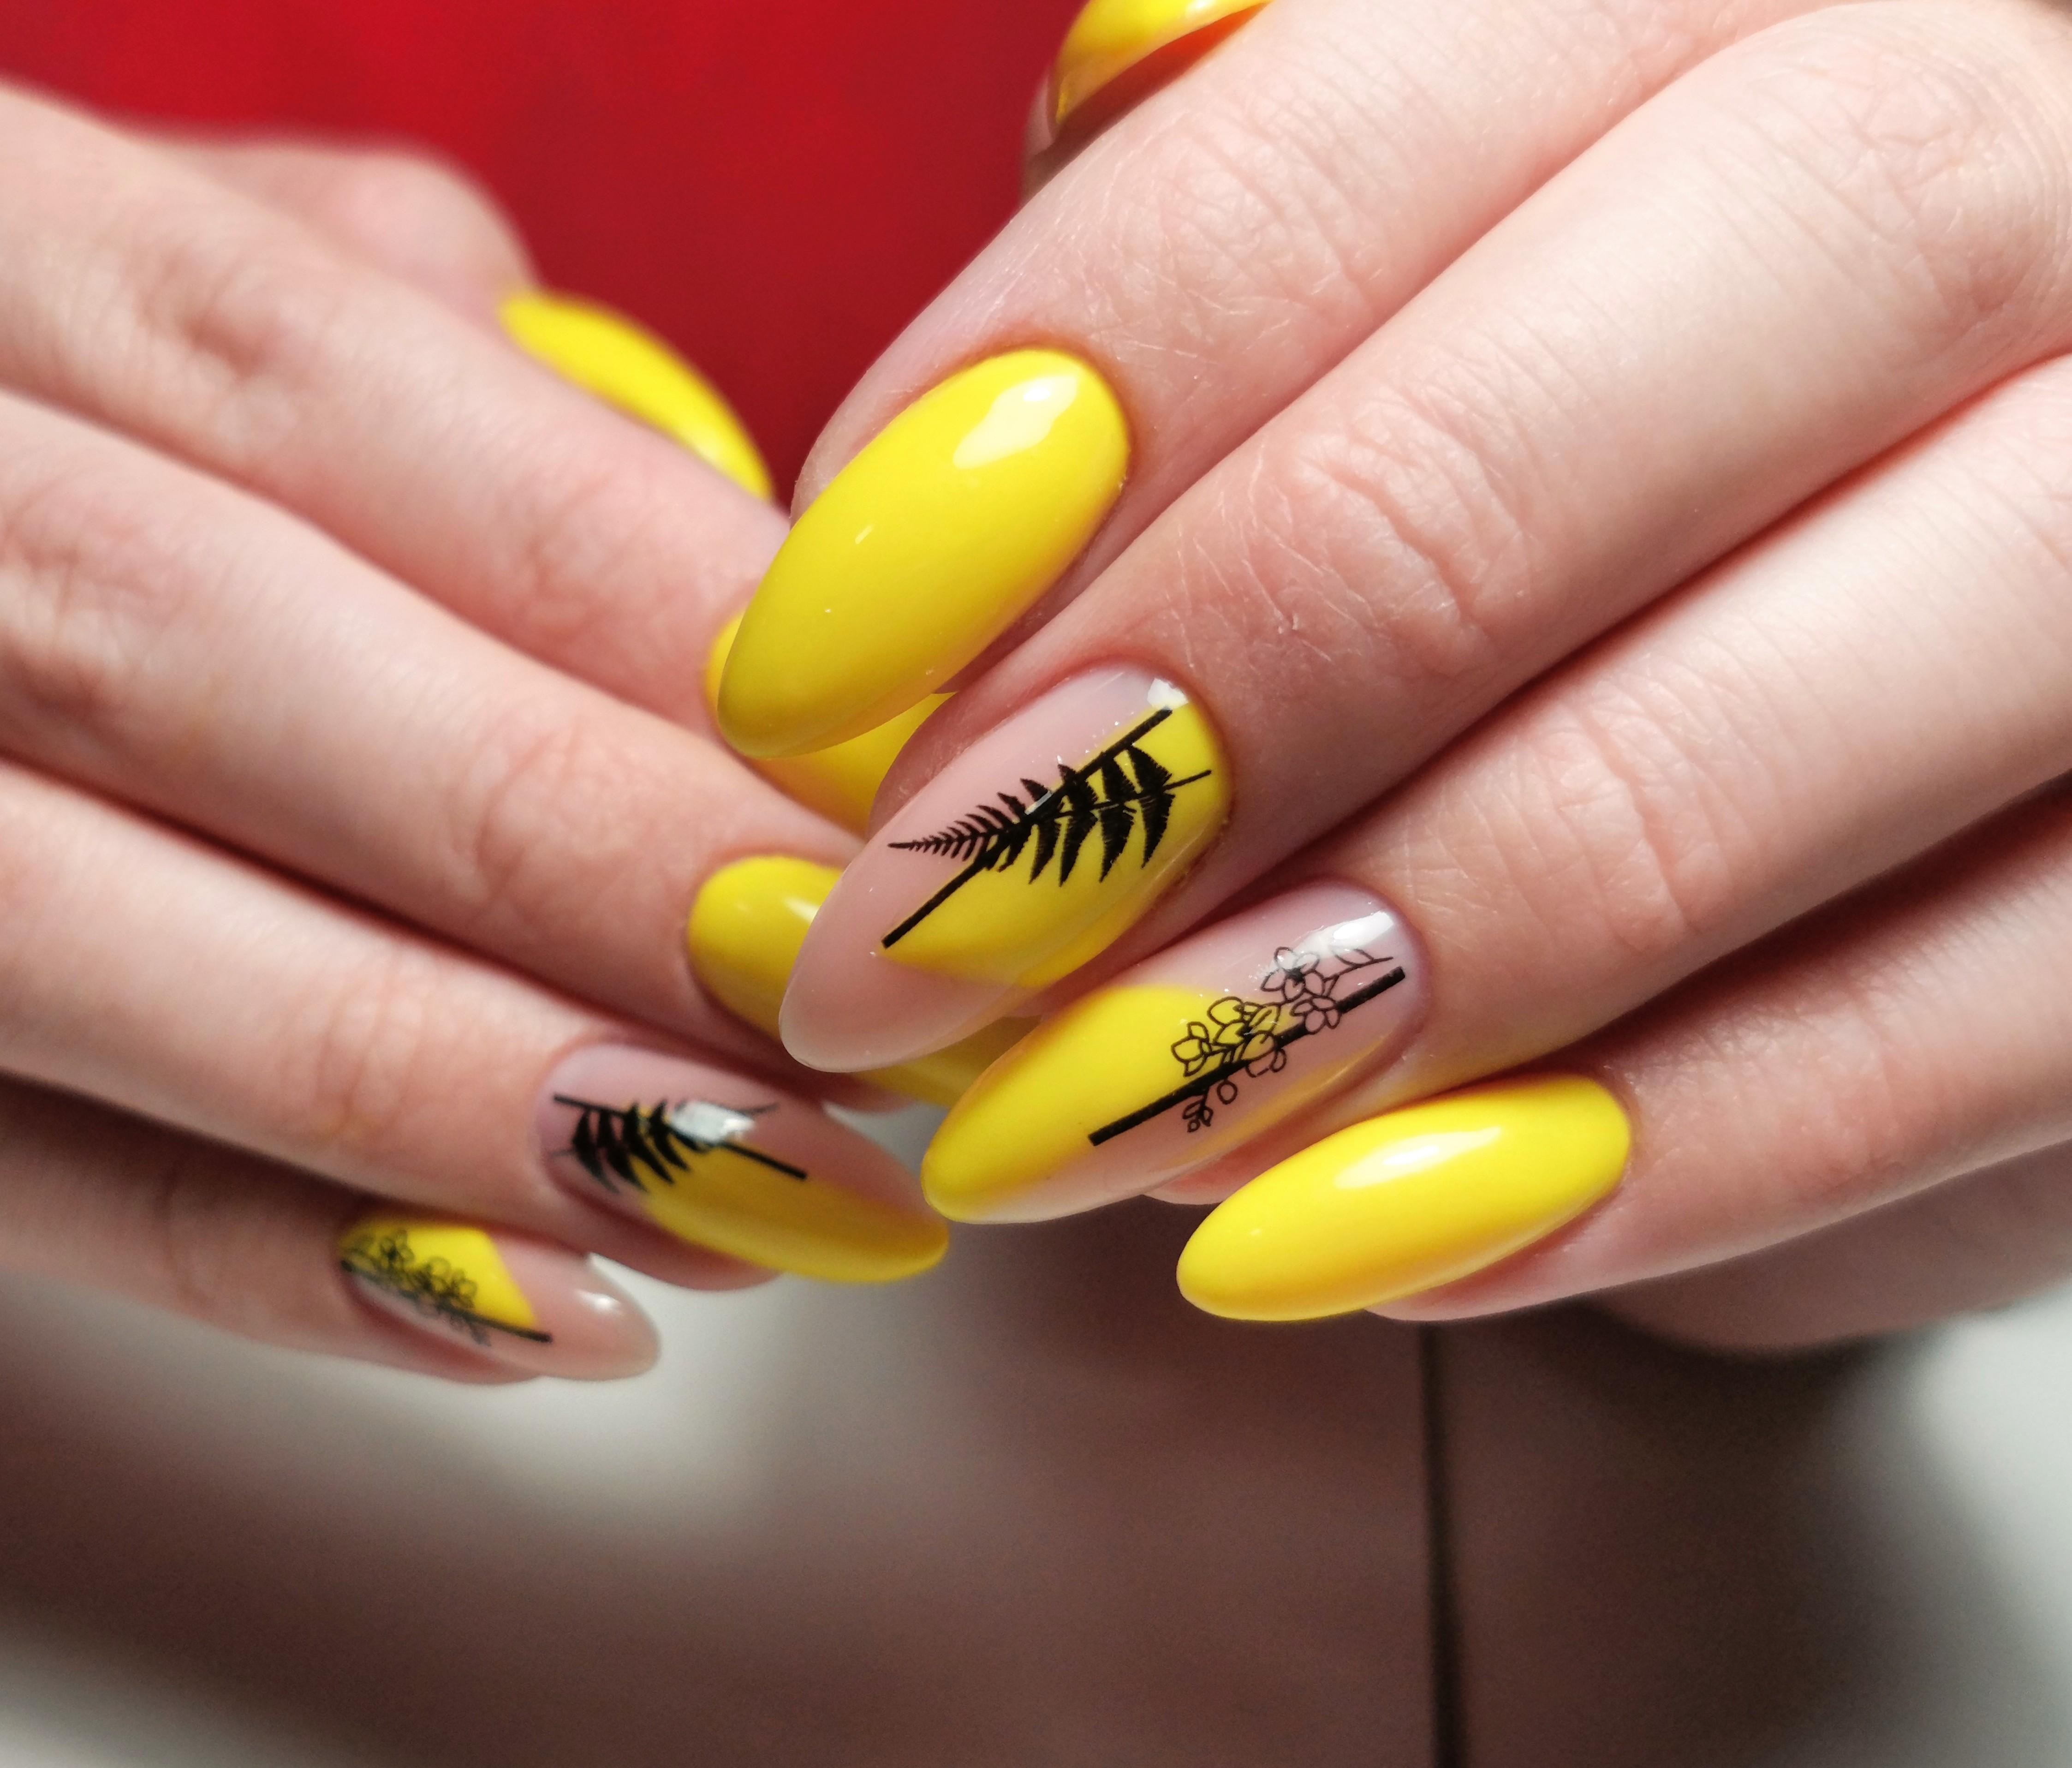 Маникюр с растительными слайдерами в желтом цвете.